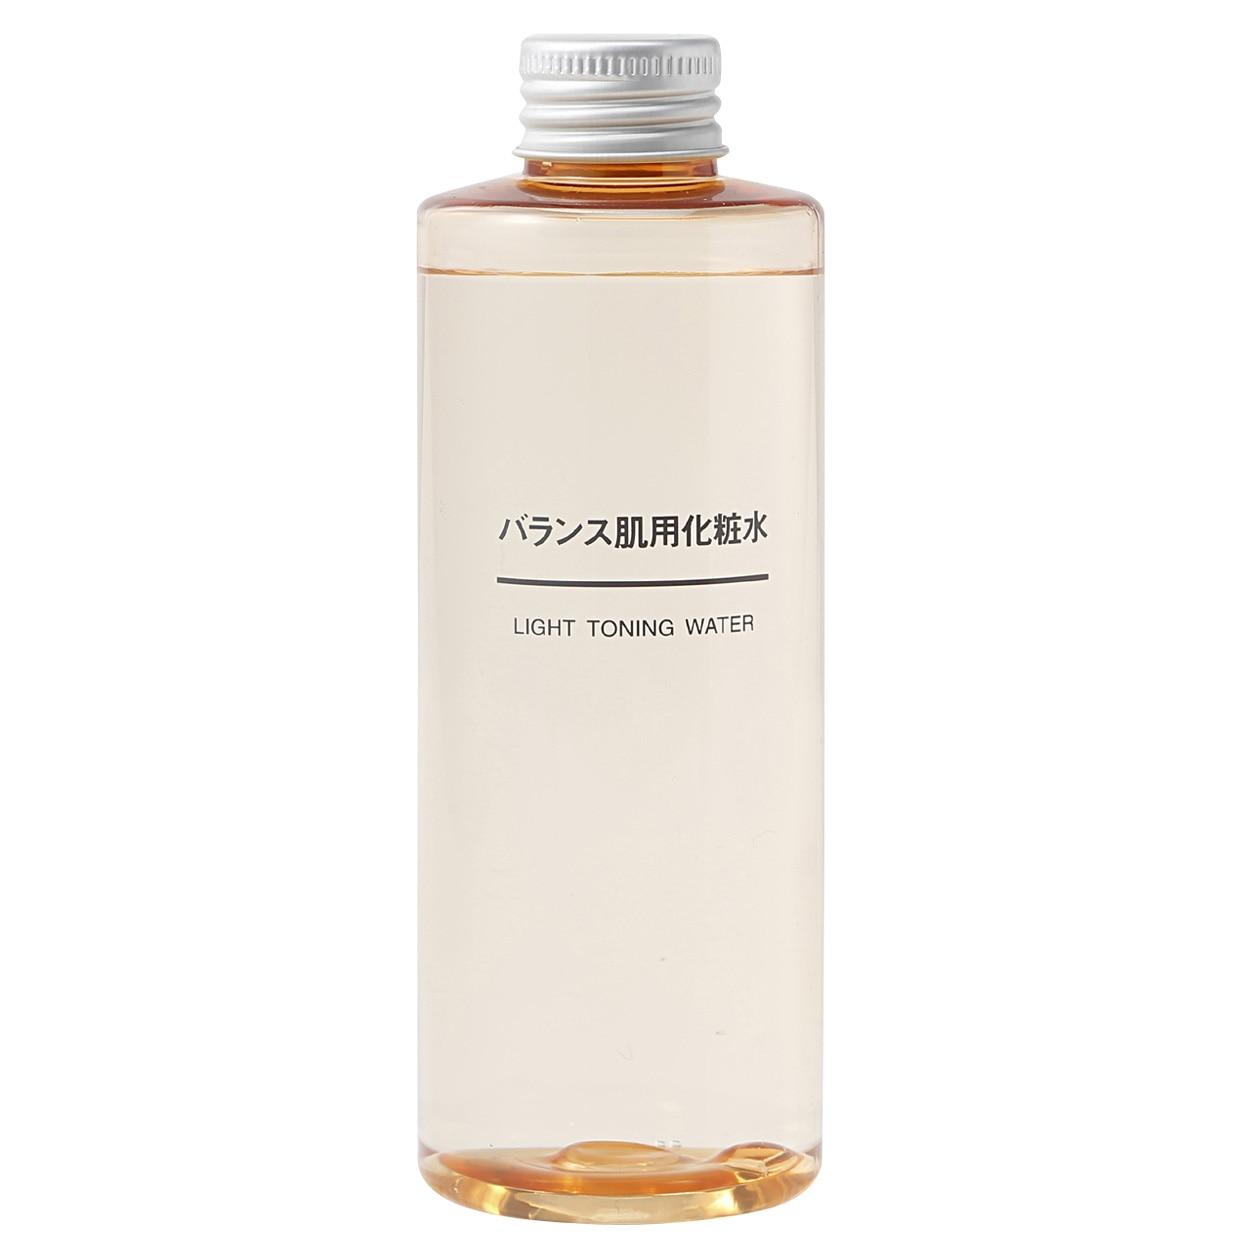 バランス肌用化粧水